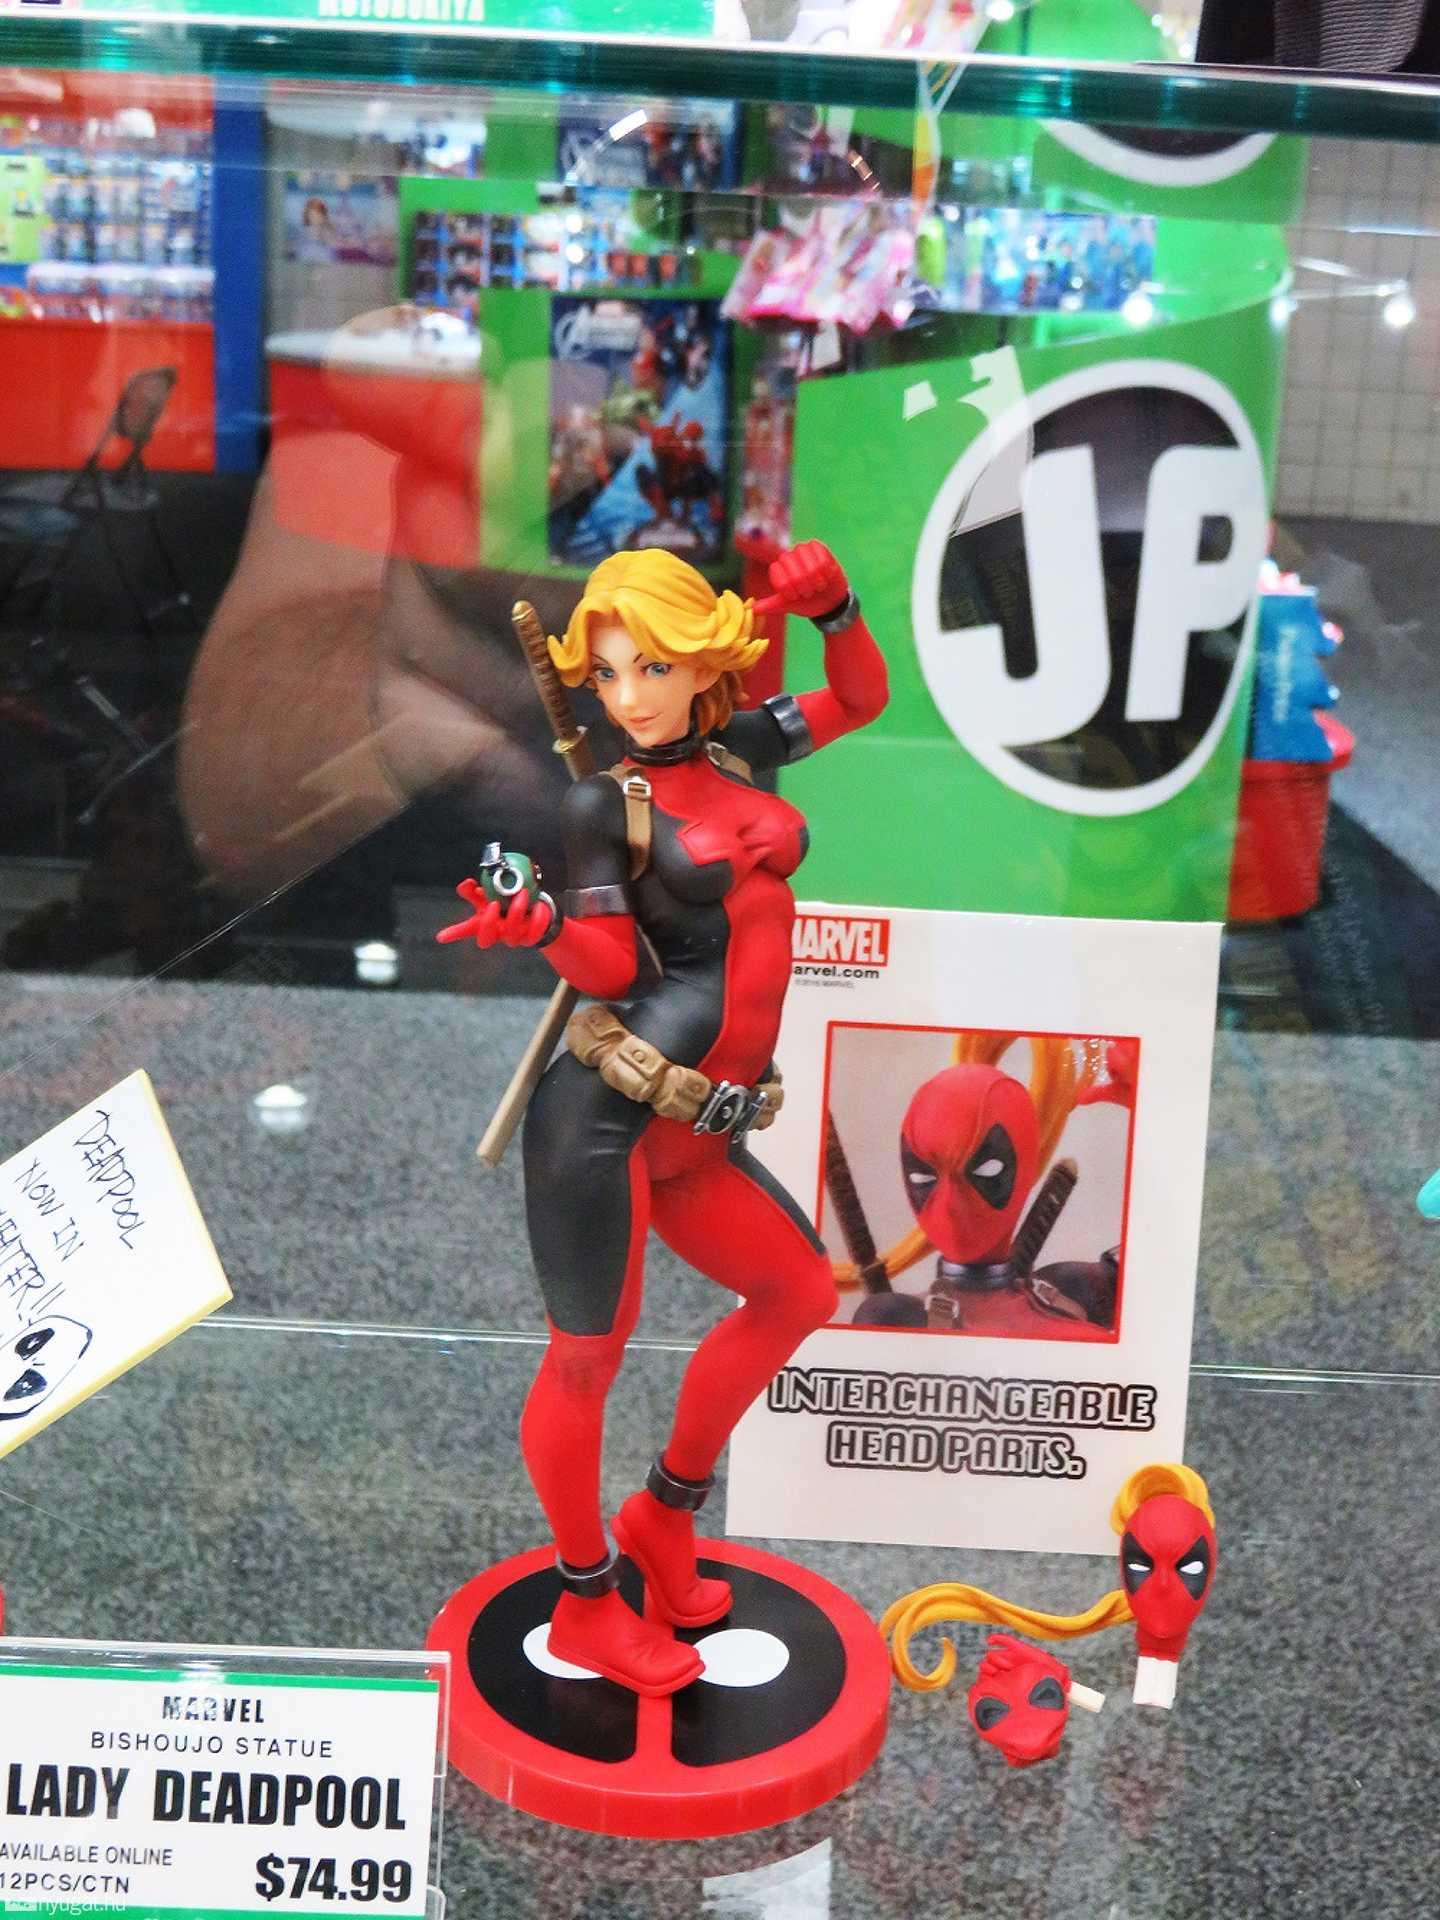 Még a nőjét is elhozta. Íme Lady Deadpool